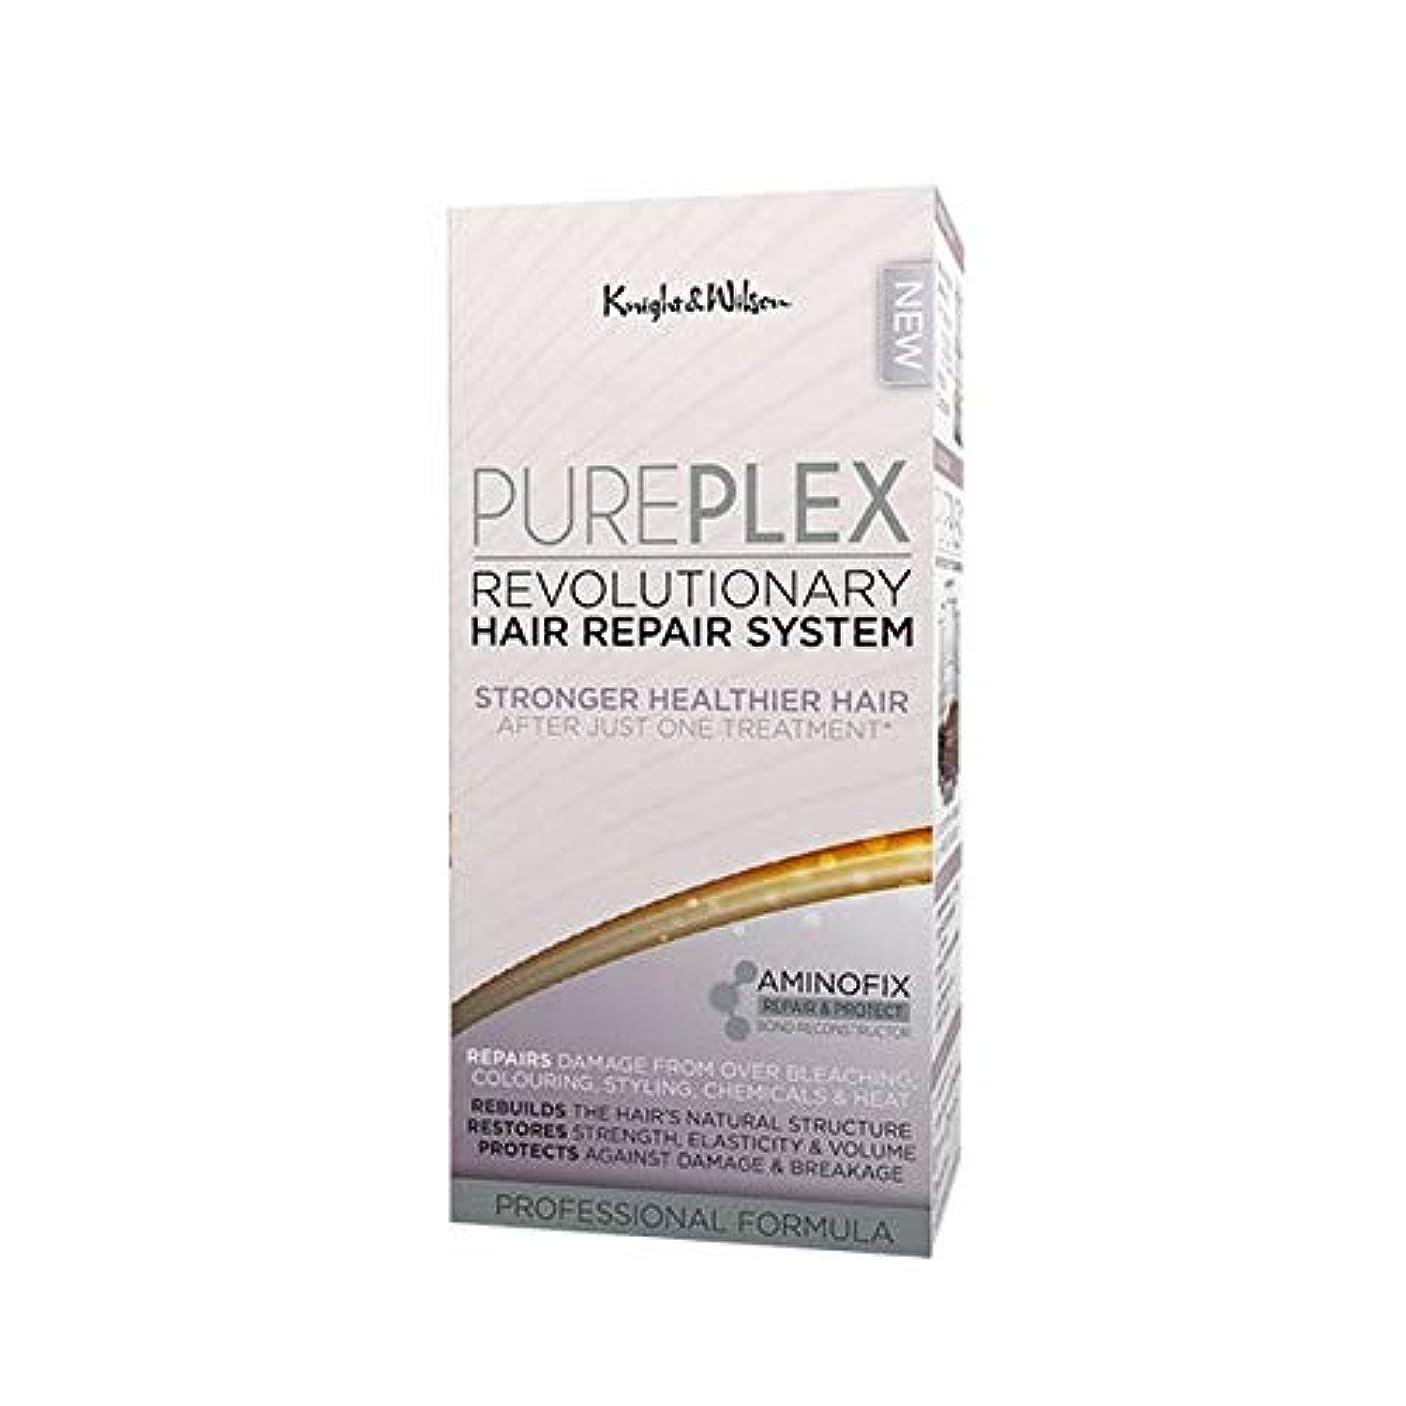 無数の接辞鳴り響く[Knight and Wilson ] 騎士とウィルソンPureplex画期的なヘア修復システム - Knight and Wilson PurePlex Revolutionary Hair Repair System [並行輸入品]